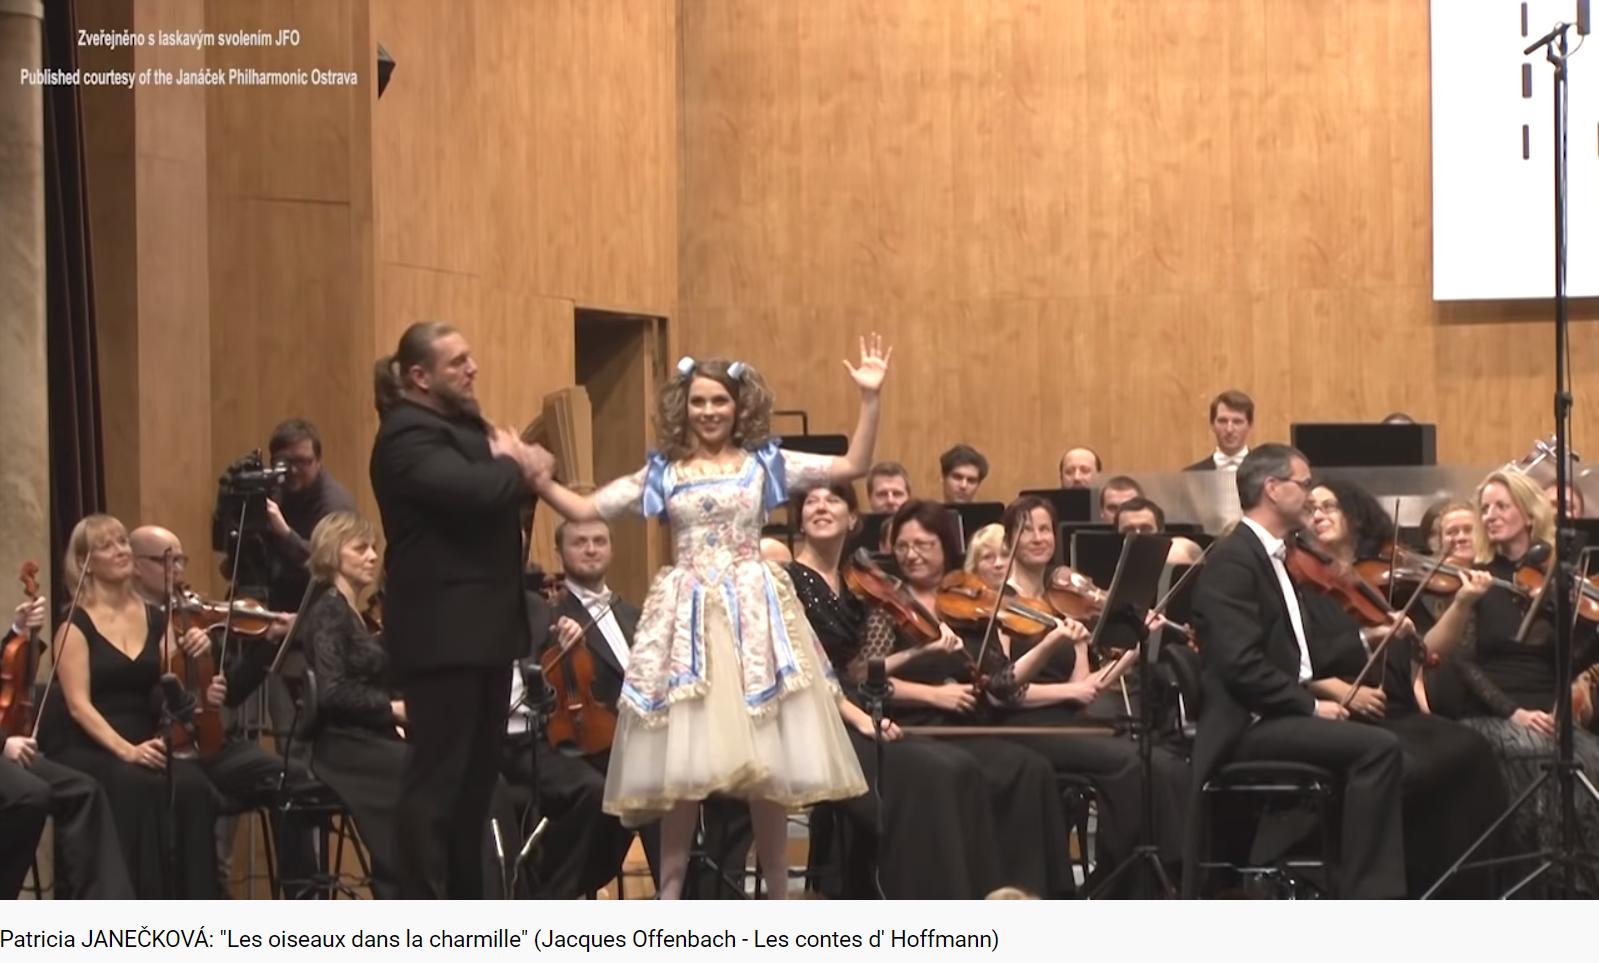 Offenbach Les Contes d'Hoffmann les zoziaux dans la charmille